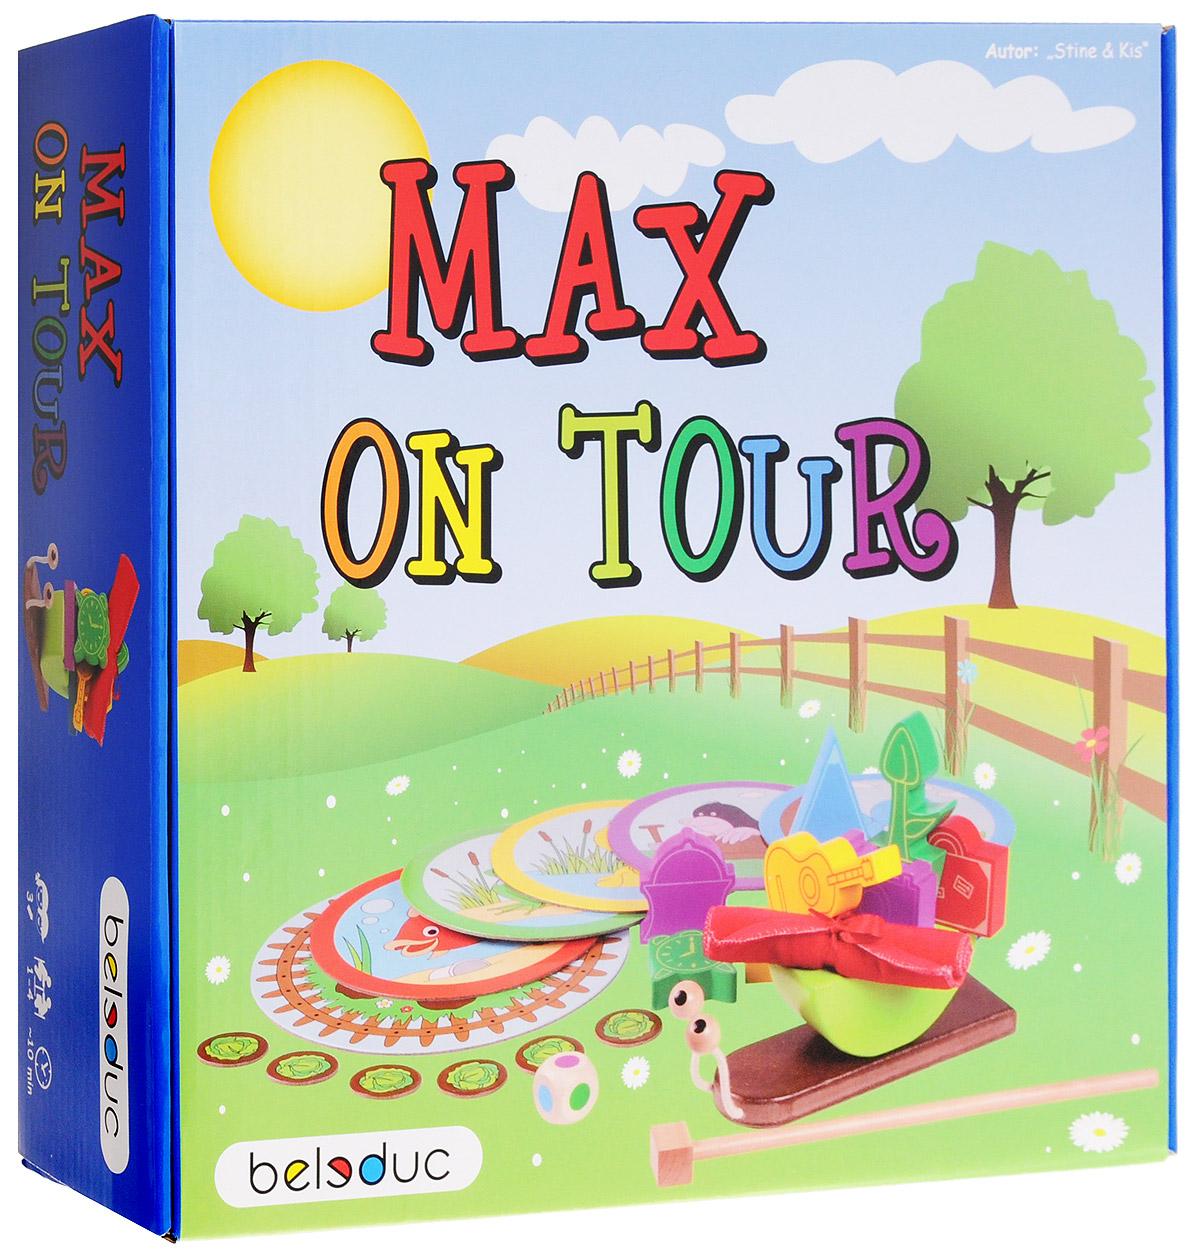 Beleduc Обучающая игра Путешествие Макса21003Маленькая улитка Макс хочет познать большой мир. Поэтому в одно прекрасное утро он покидает свой прекрасный сад и отправляется в долгое путешествие. В пути он знакомится с множеством новых друзей и получает много-много подарков… больших и маленьких, тяжелых и легких, круглых и угловатых. Конечно, Максу хотелось бы принести все эти подарки побыстрее домой, пока гусеница Рози ест салат. Но как же это сделать? Цель Макса, и, соответственно, всех игроков - принести домой на своей раковине по крайней мере один подарок соответствующего цвета от каждого из своих друзей, прежде чем гусеница Рози съест салат. Игра развивает познавательные, ассоциативные навыки, способности комбинировать, способности логического и образного мышления, развивает мелкую моторику рук. Кроме того игра способствует развитию социальных навыков.